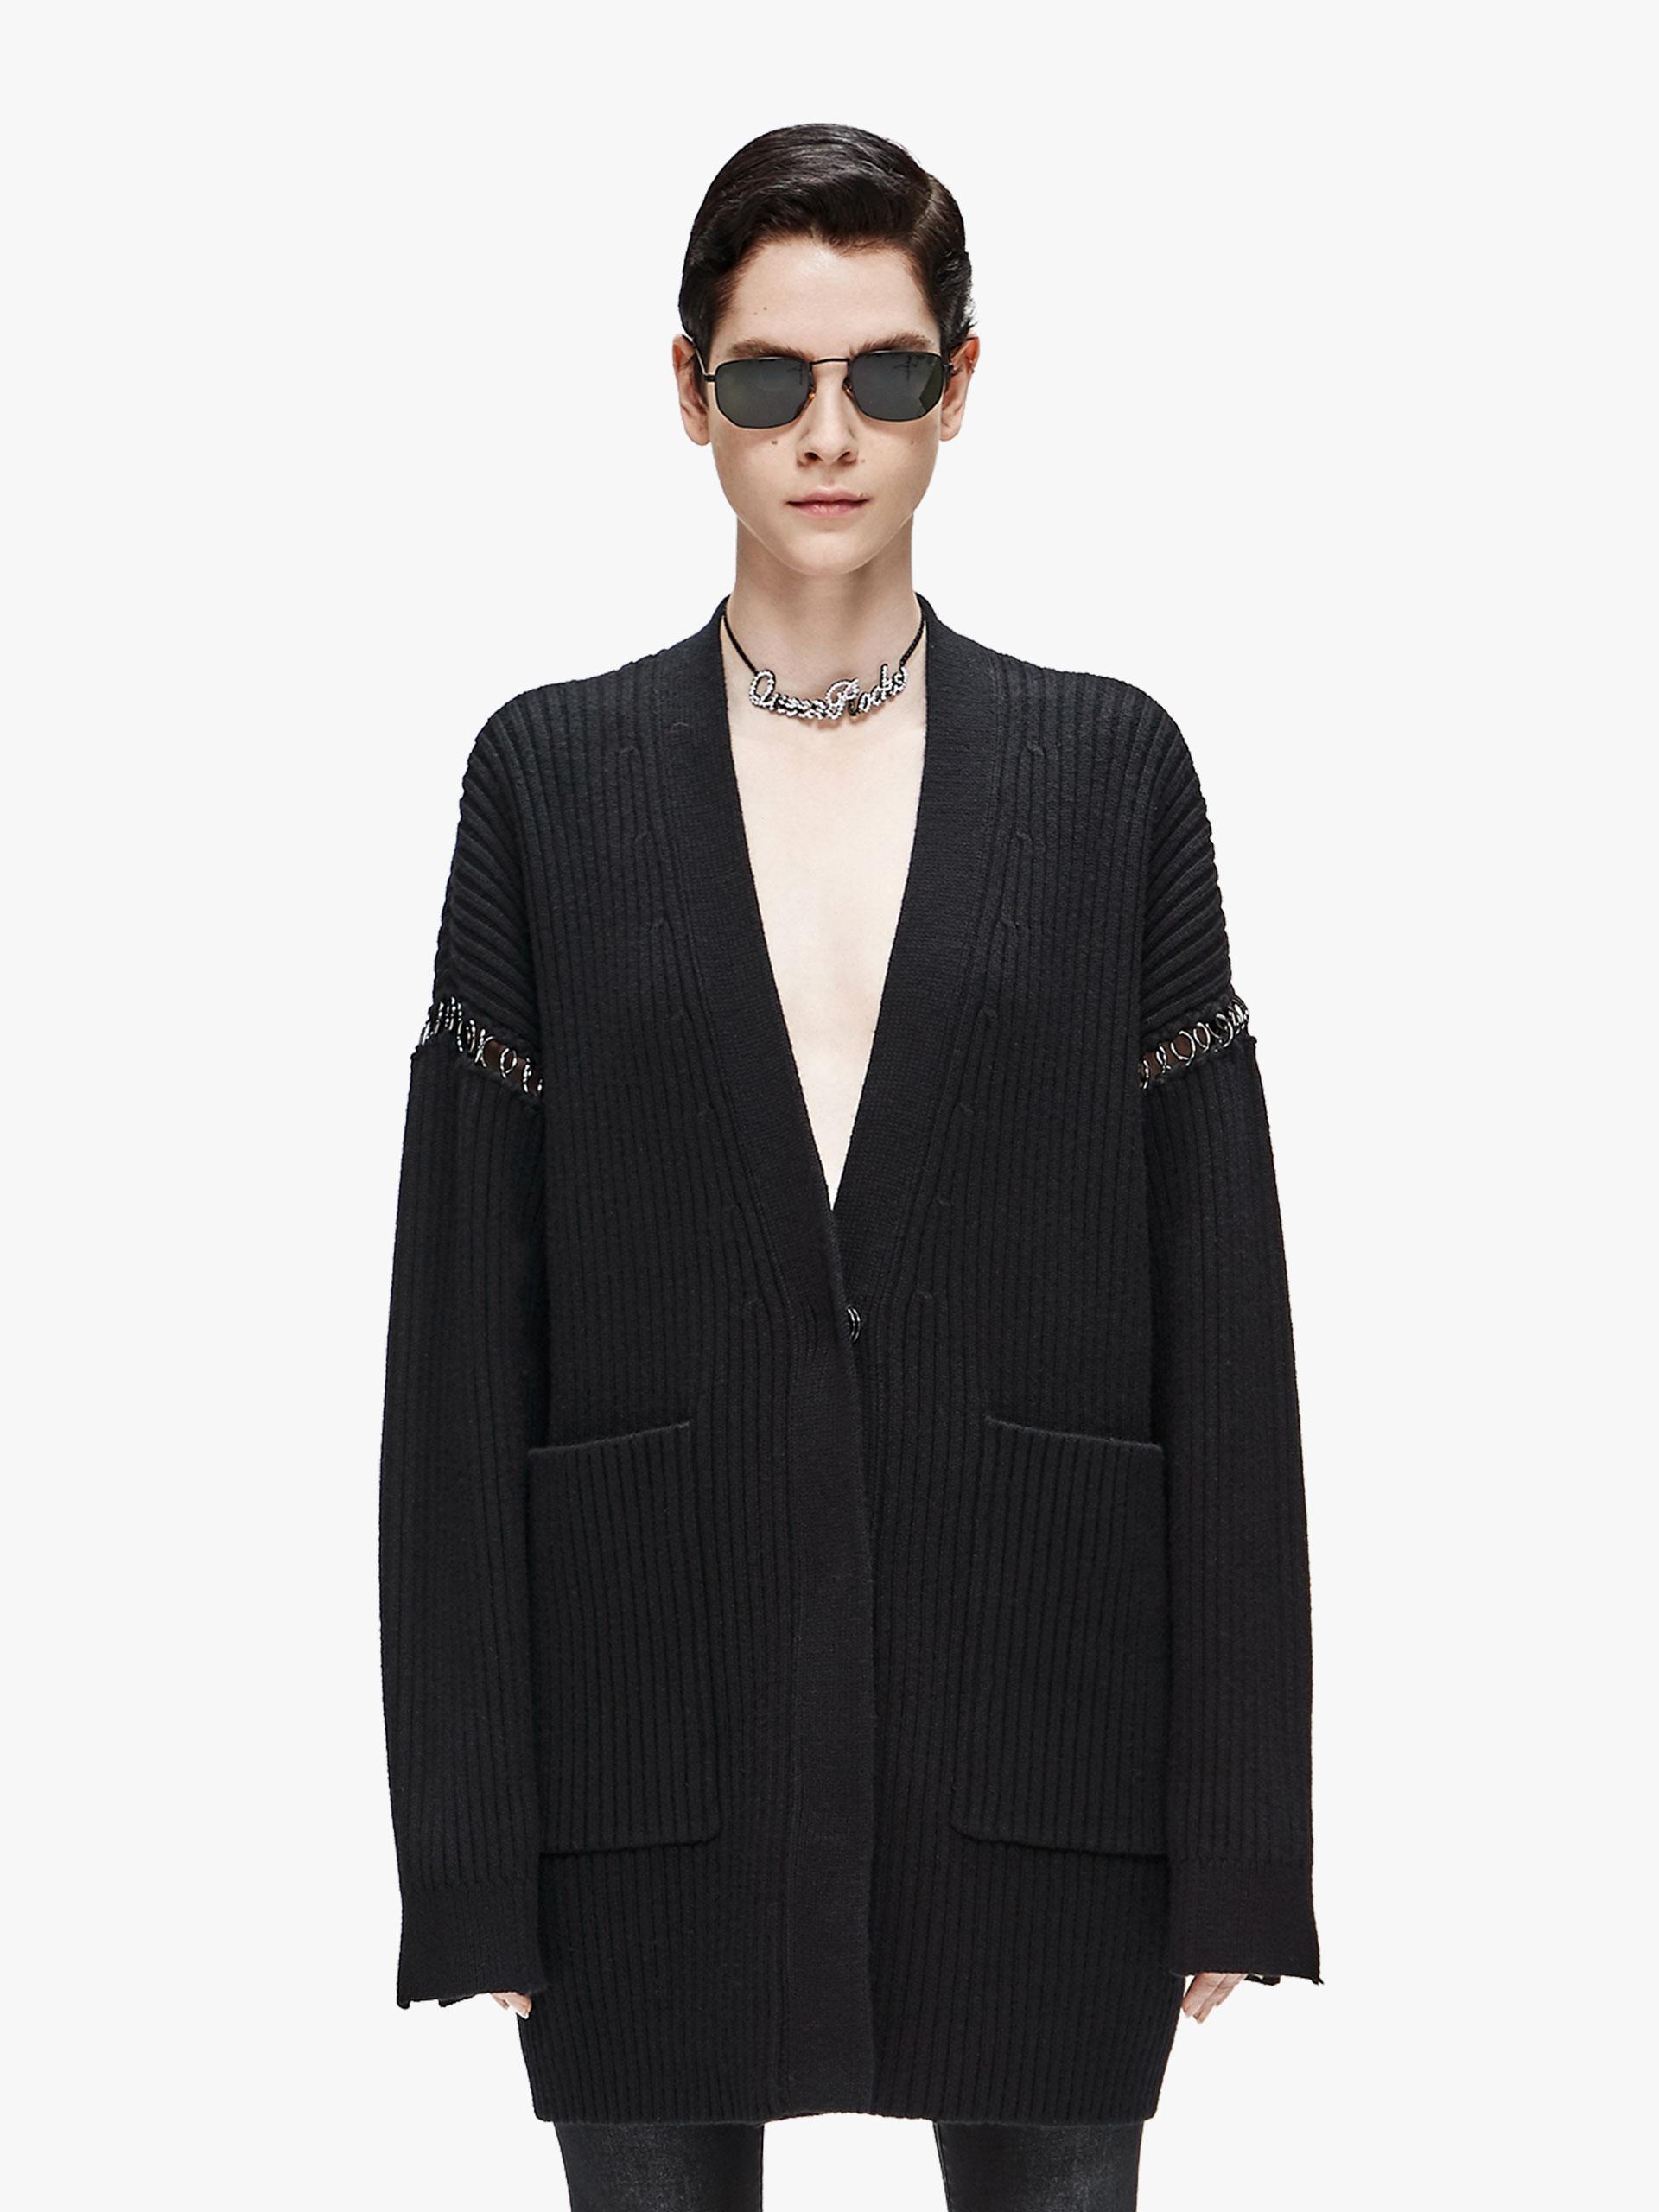 V领开襟毛衣